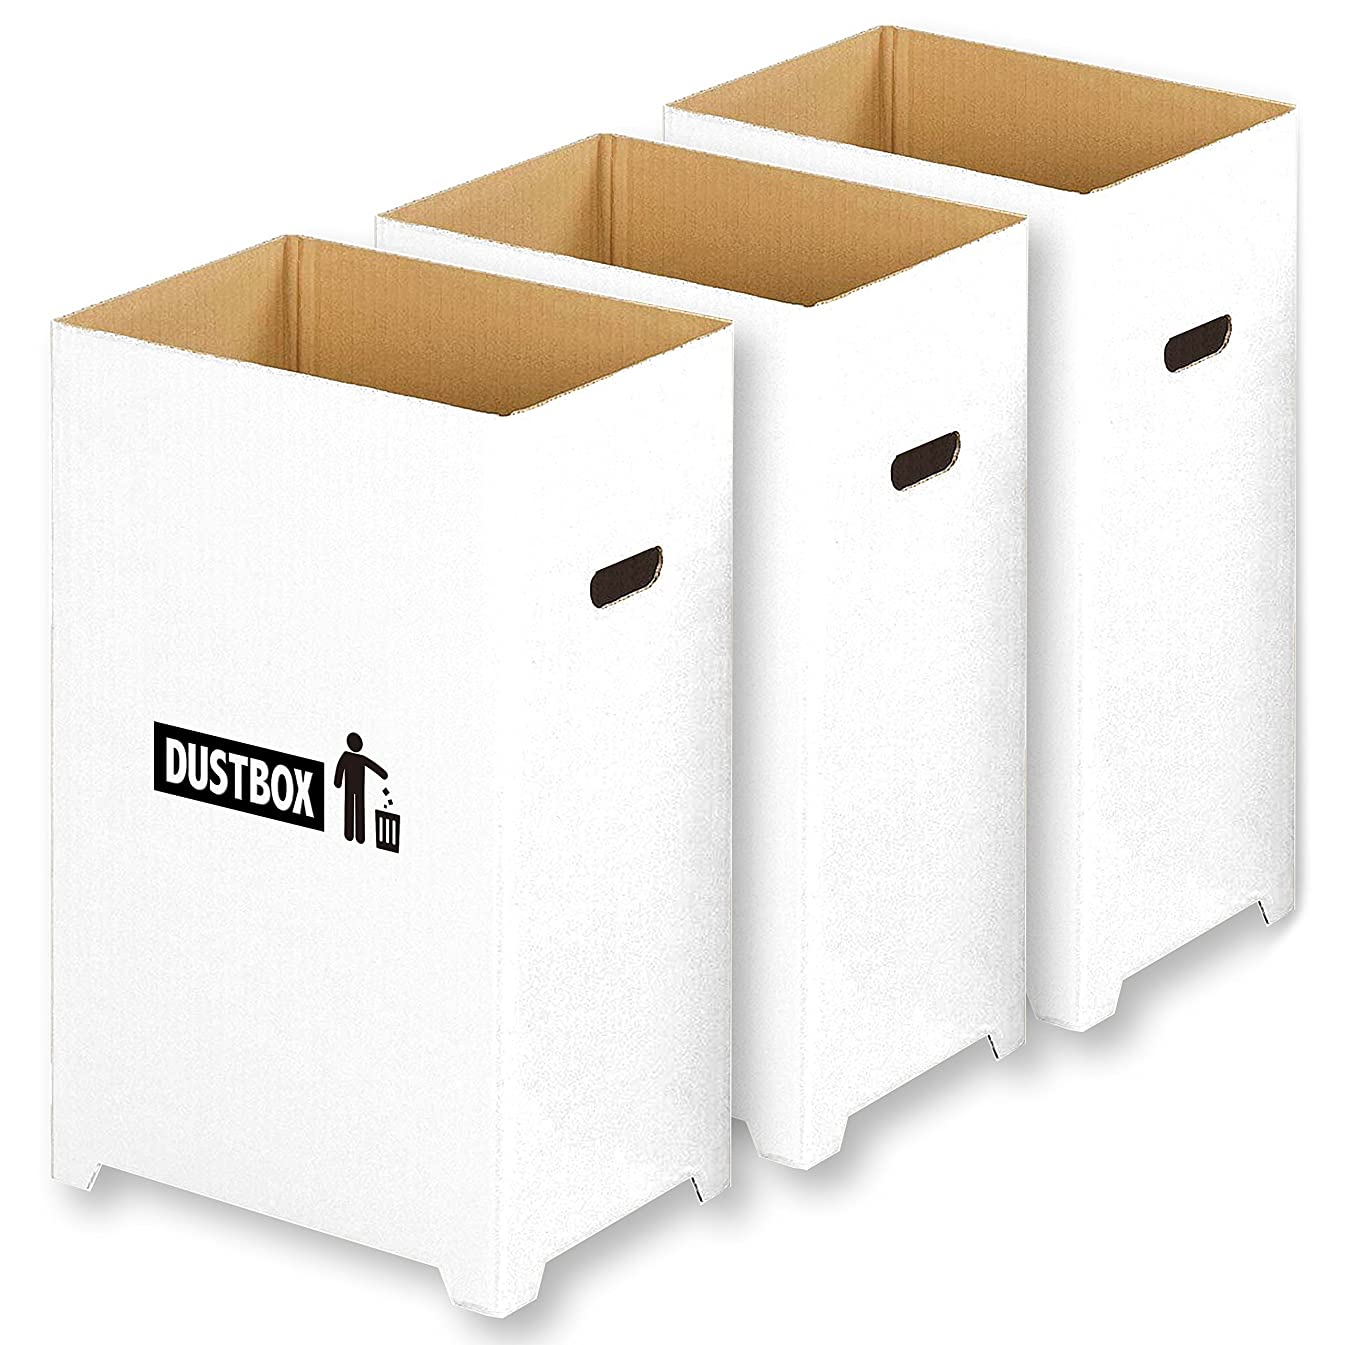 ずっと慢流行している【Amazon.co.jp限定】 撥水加工 汚れに強い おしゃれ で スリム な ダンボール ダストボックス 分別 ゴミ箱 3個組 ( 45リットル ゴミ袋 対応)